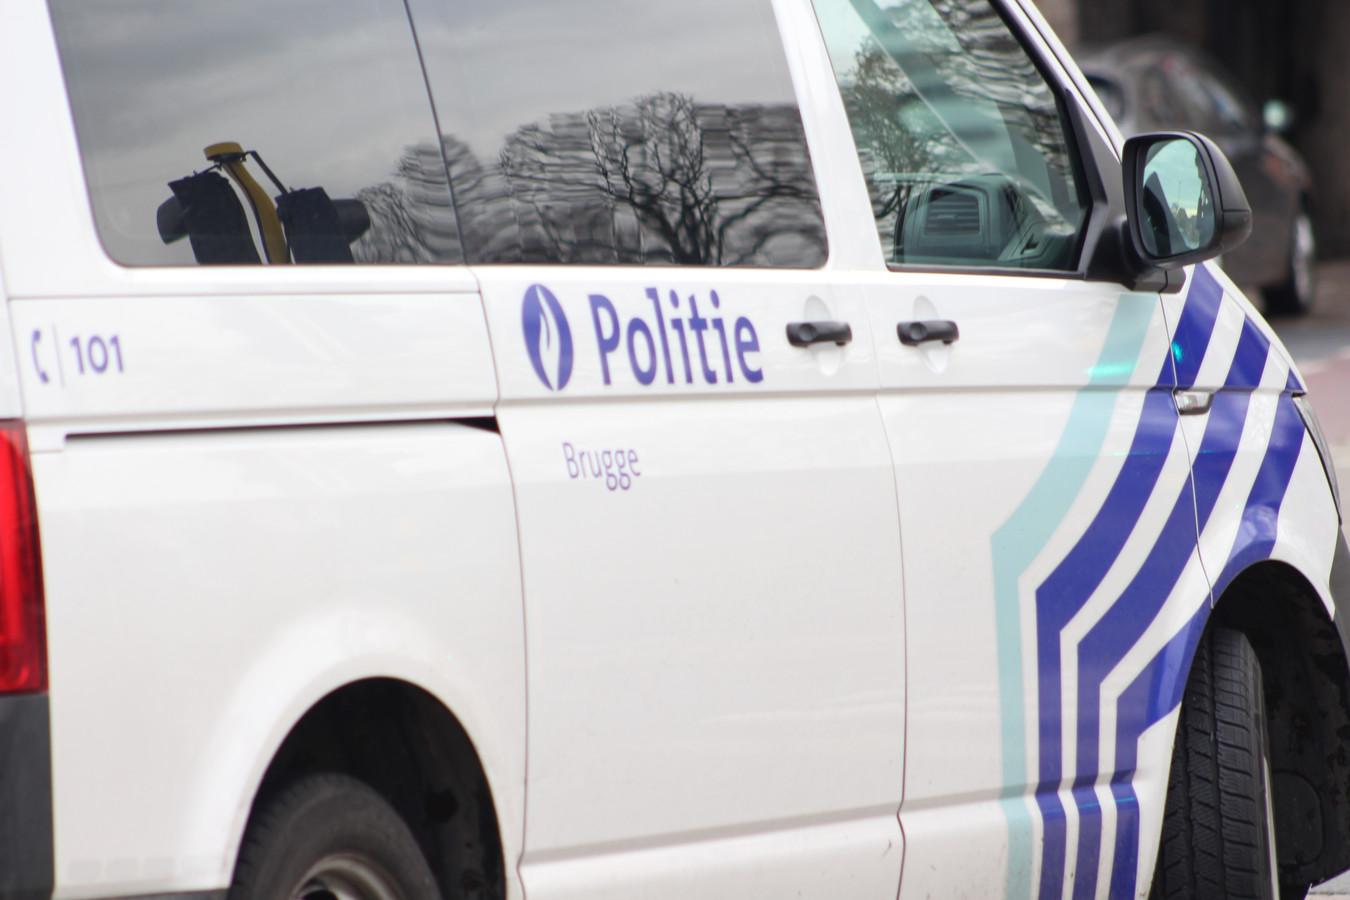 De lokale politie Brugge kon de verdachten deze week in de boeien slaan.